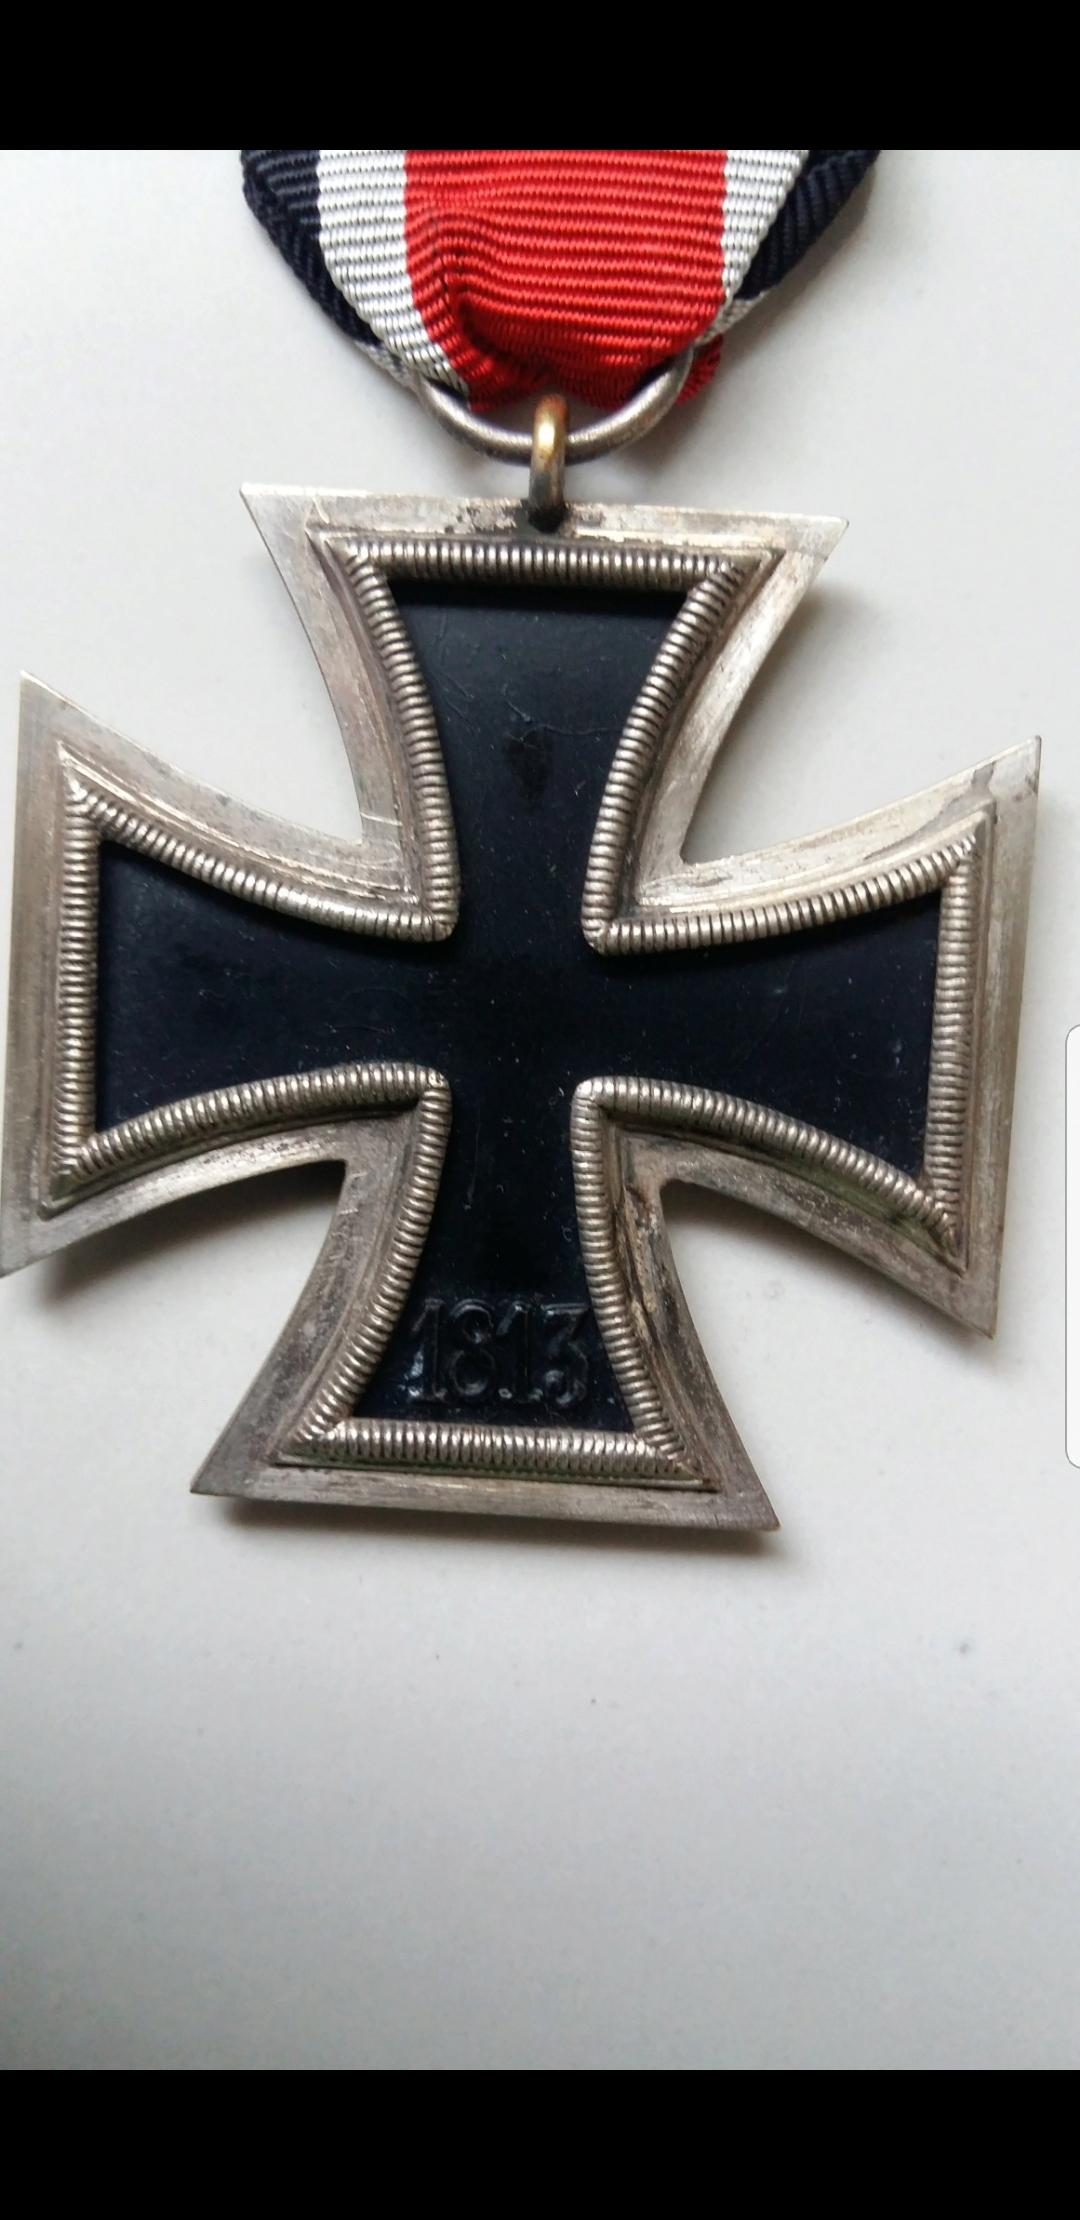 Authentification croix de fer allemande ww2 Screen29